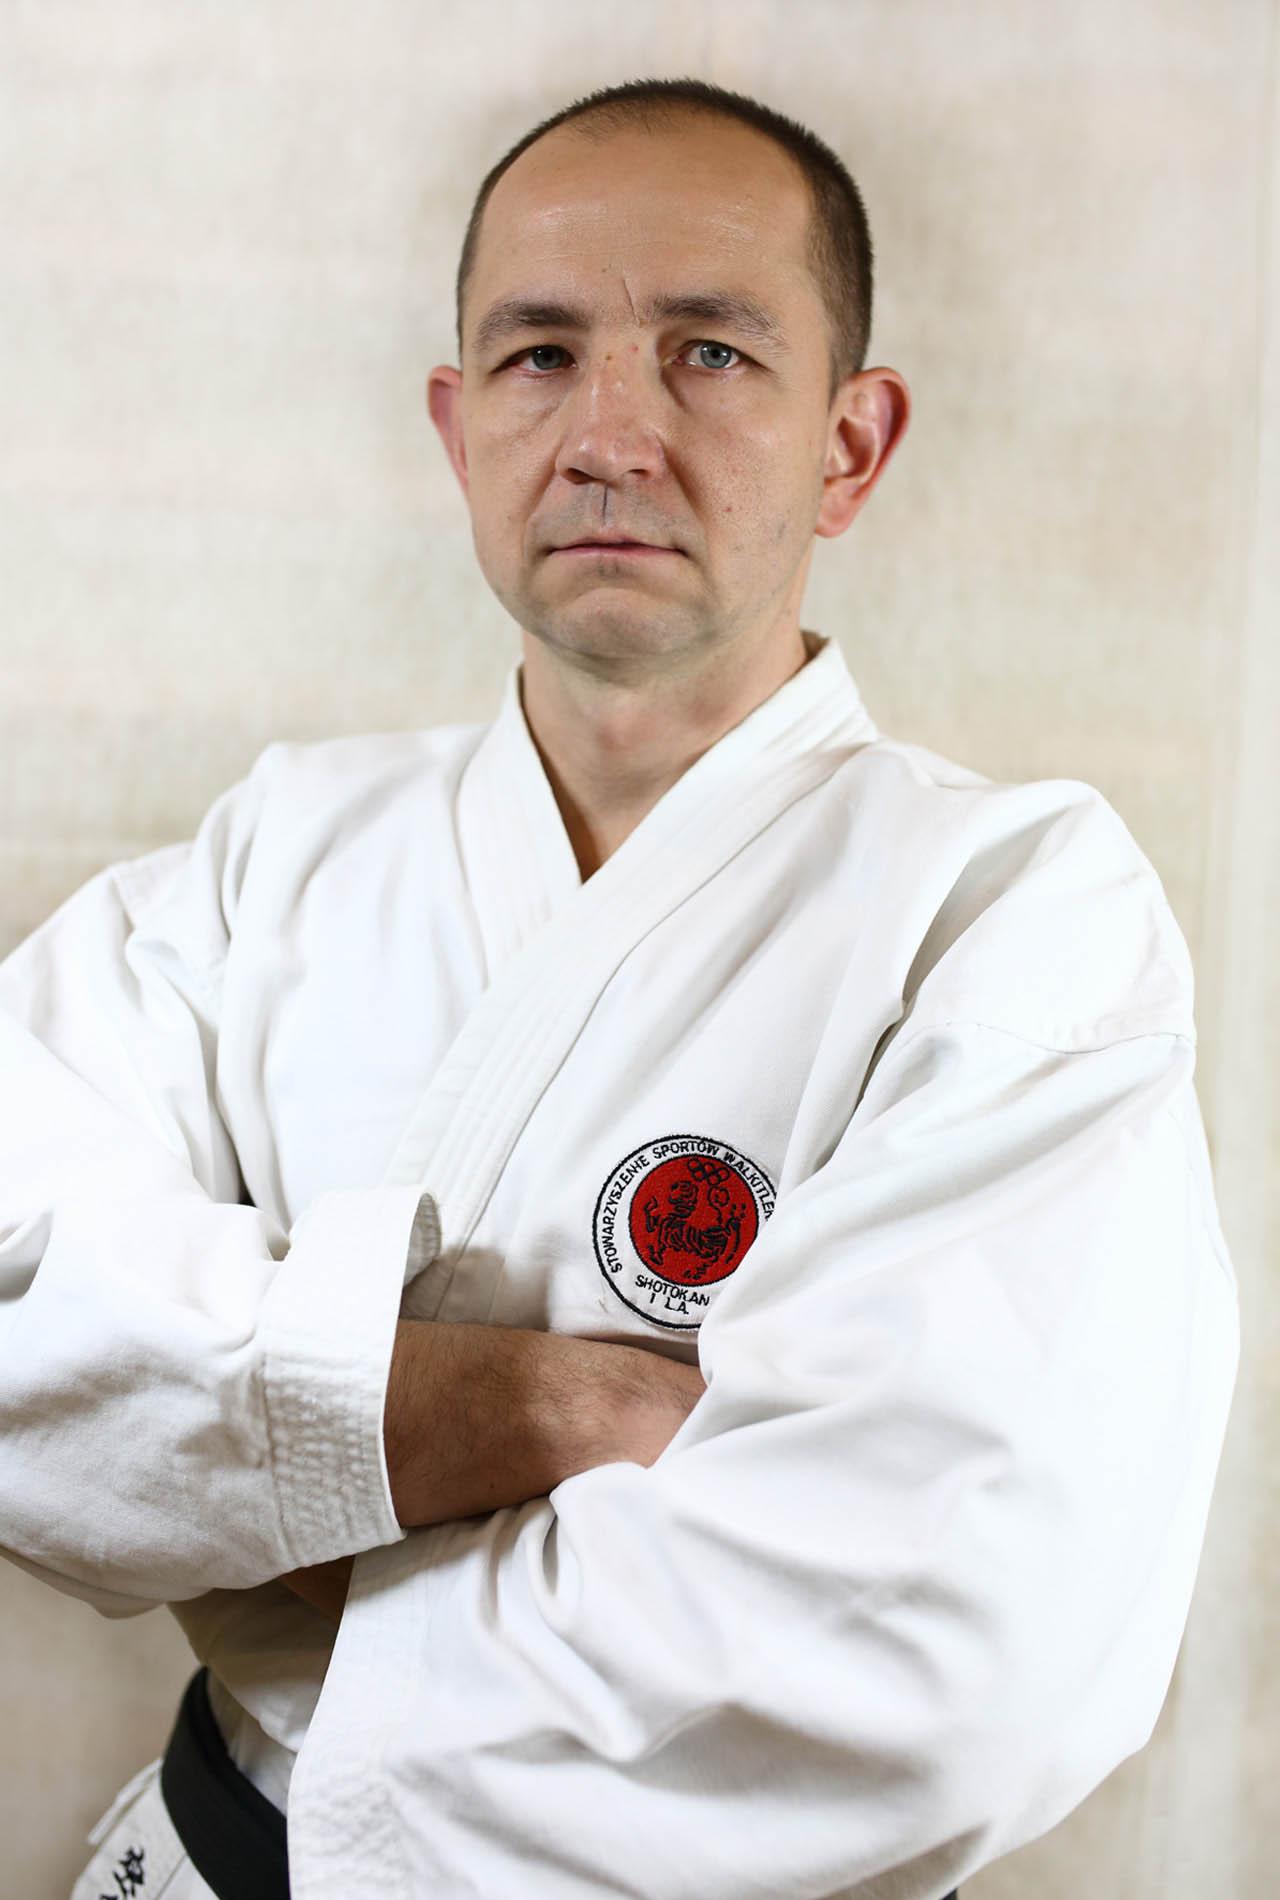 Zdzisław Dłubek